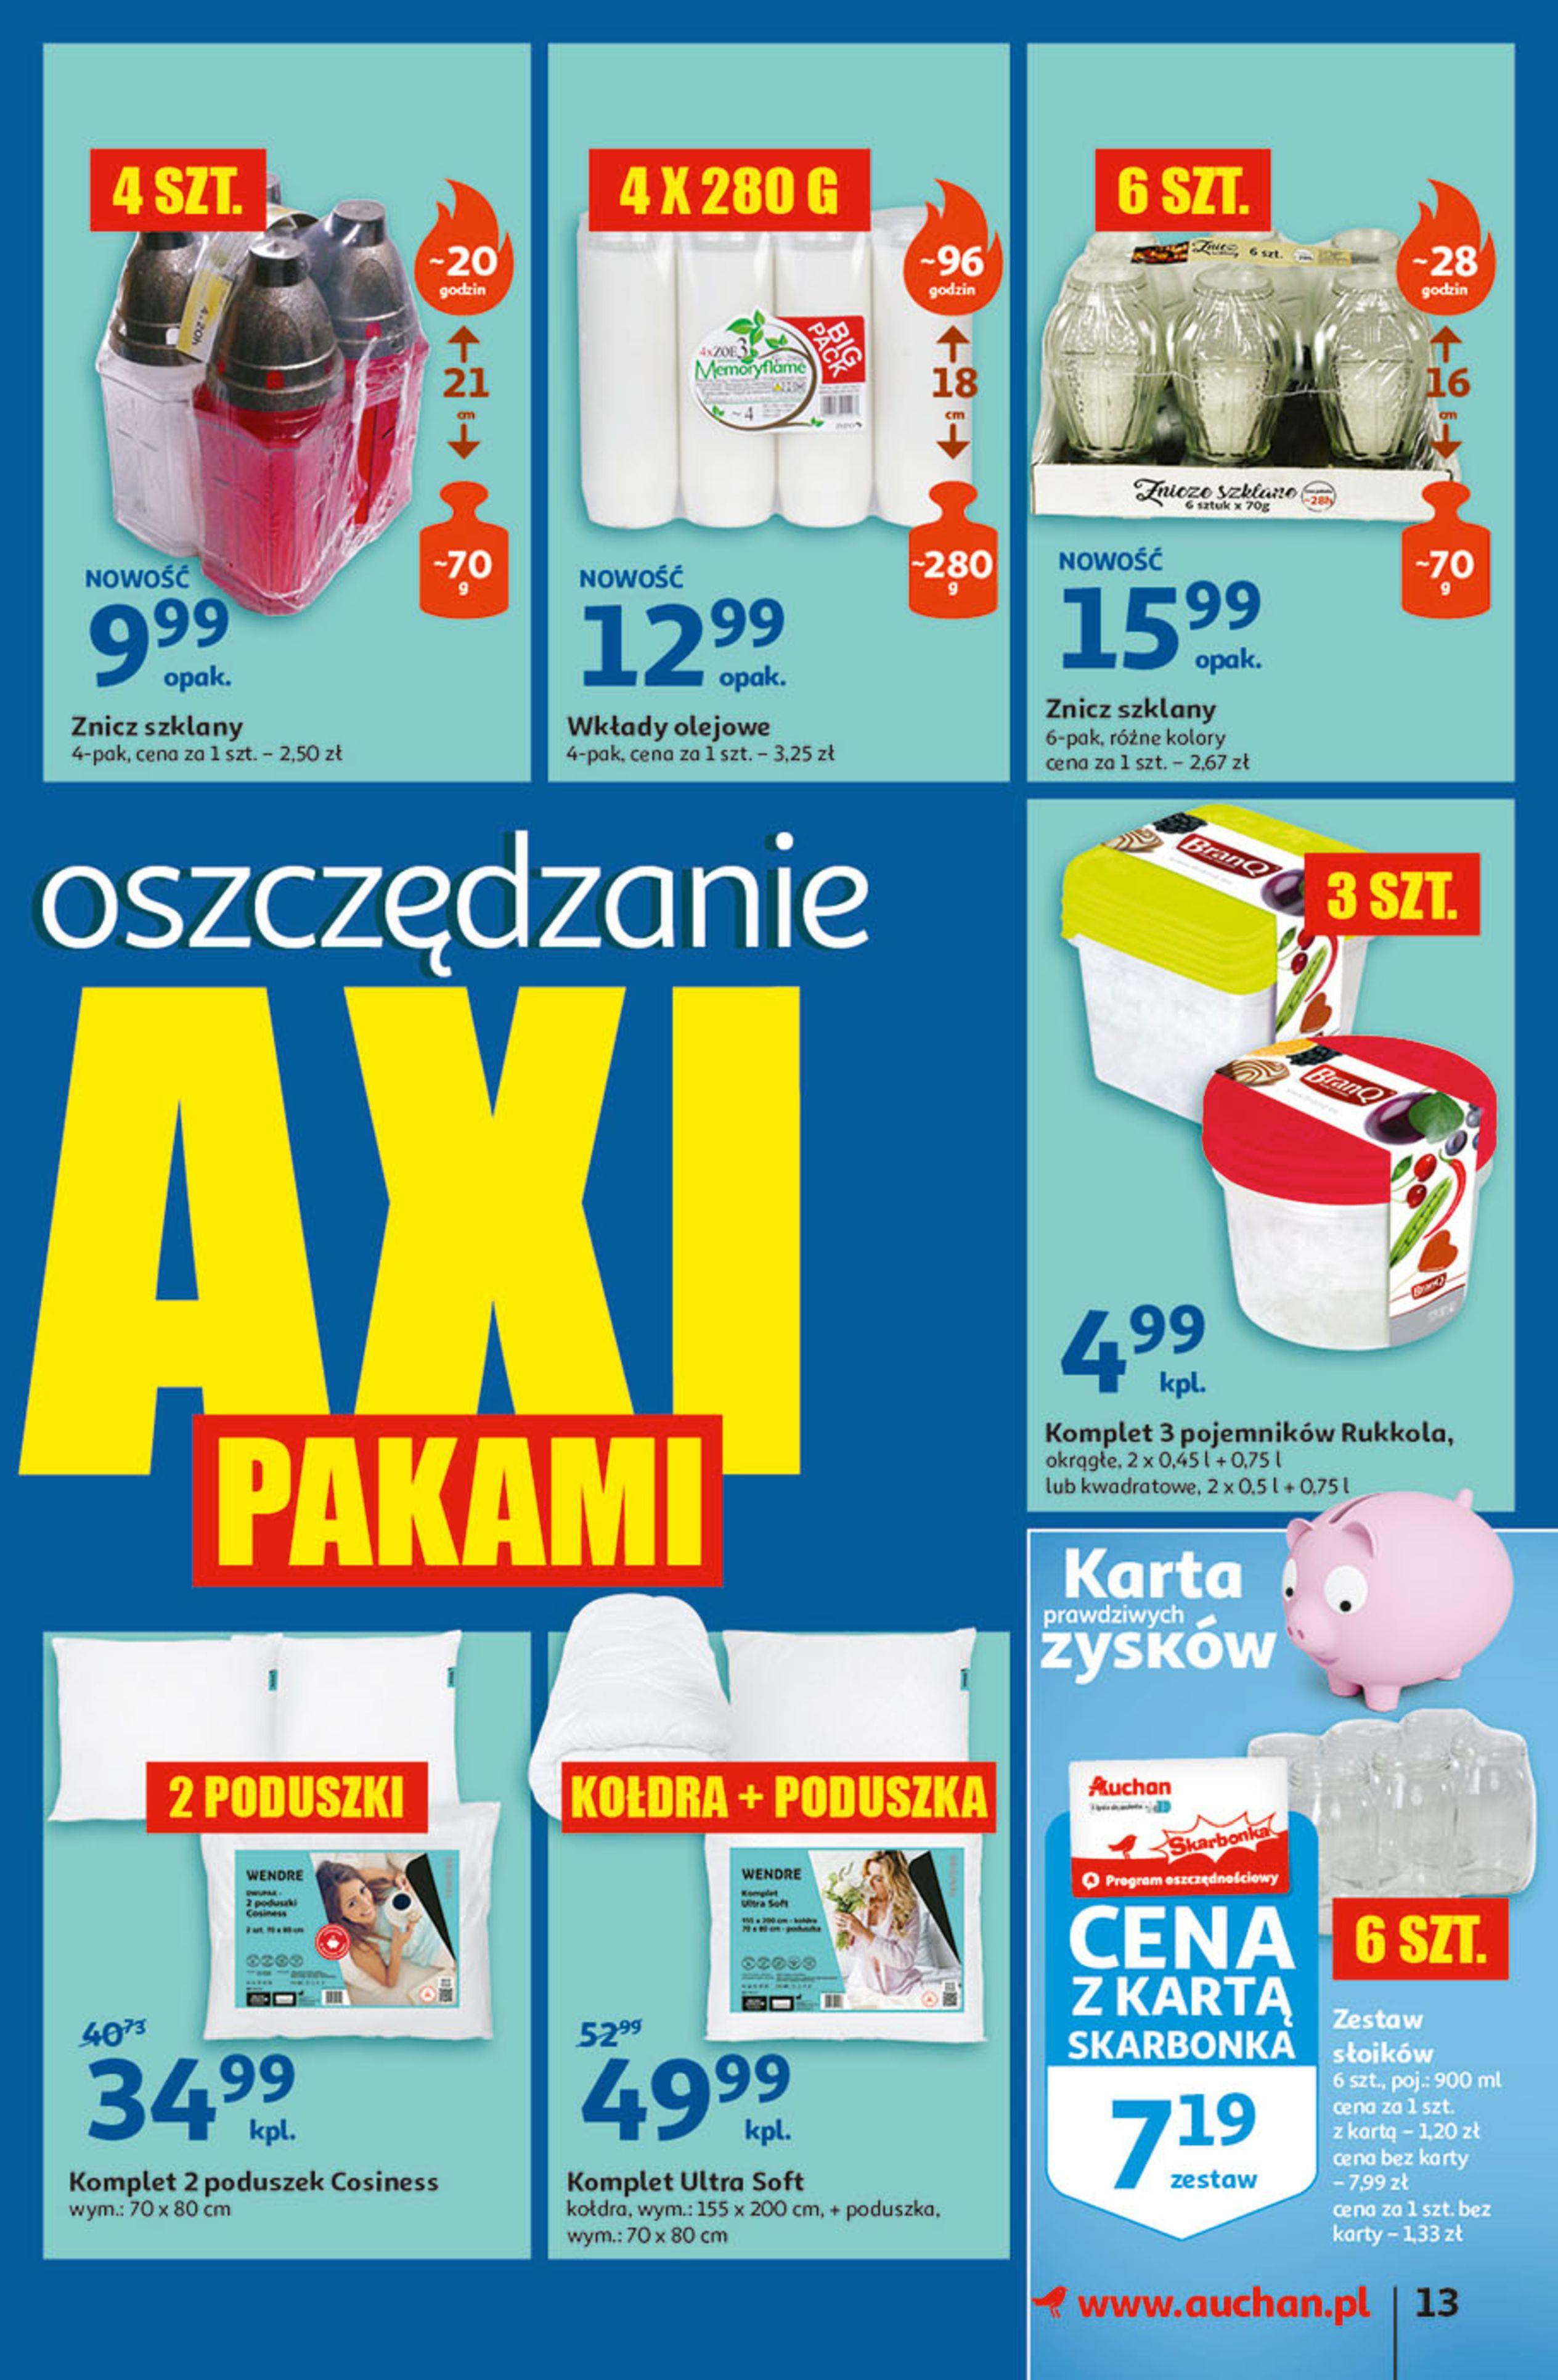 Gazetka Auchan: Gazetka Auchan - Hiperoszczędzanie w wersji Maxi Paki Hipermarkety 2021-09-16 page-13